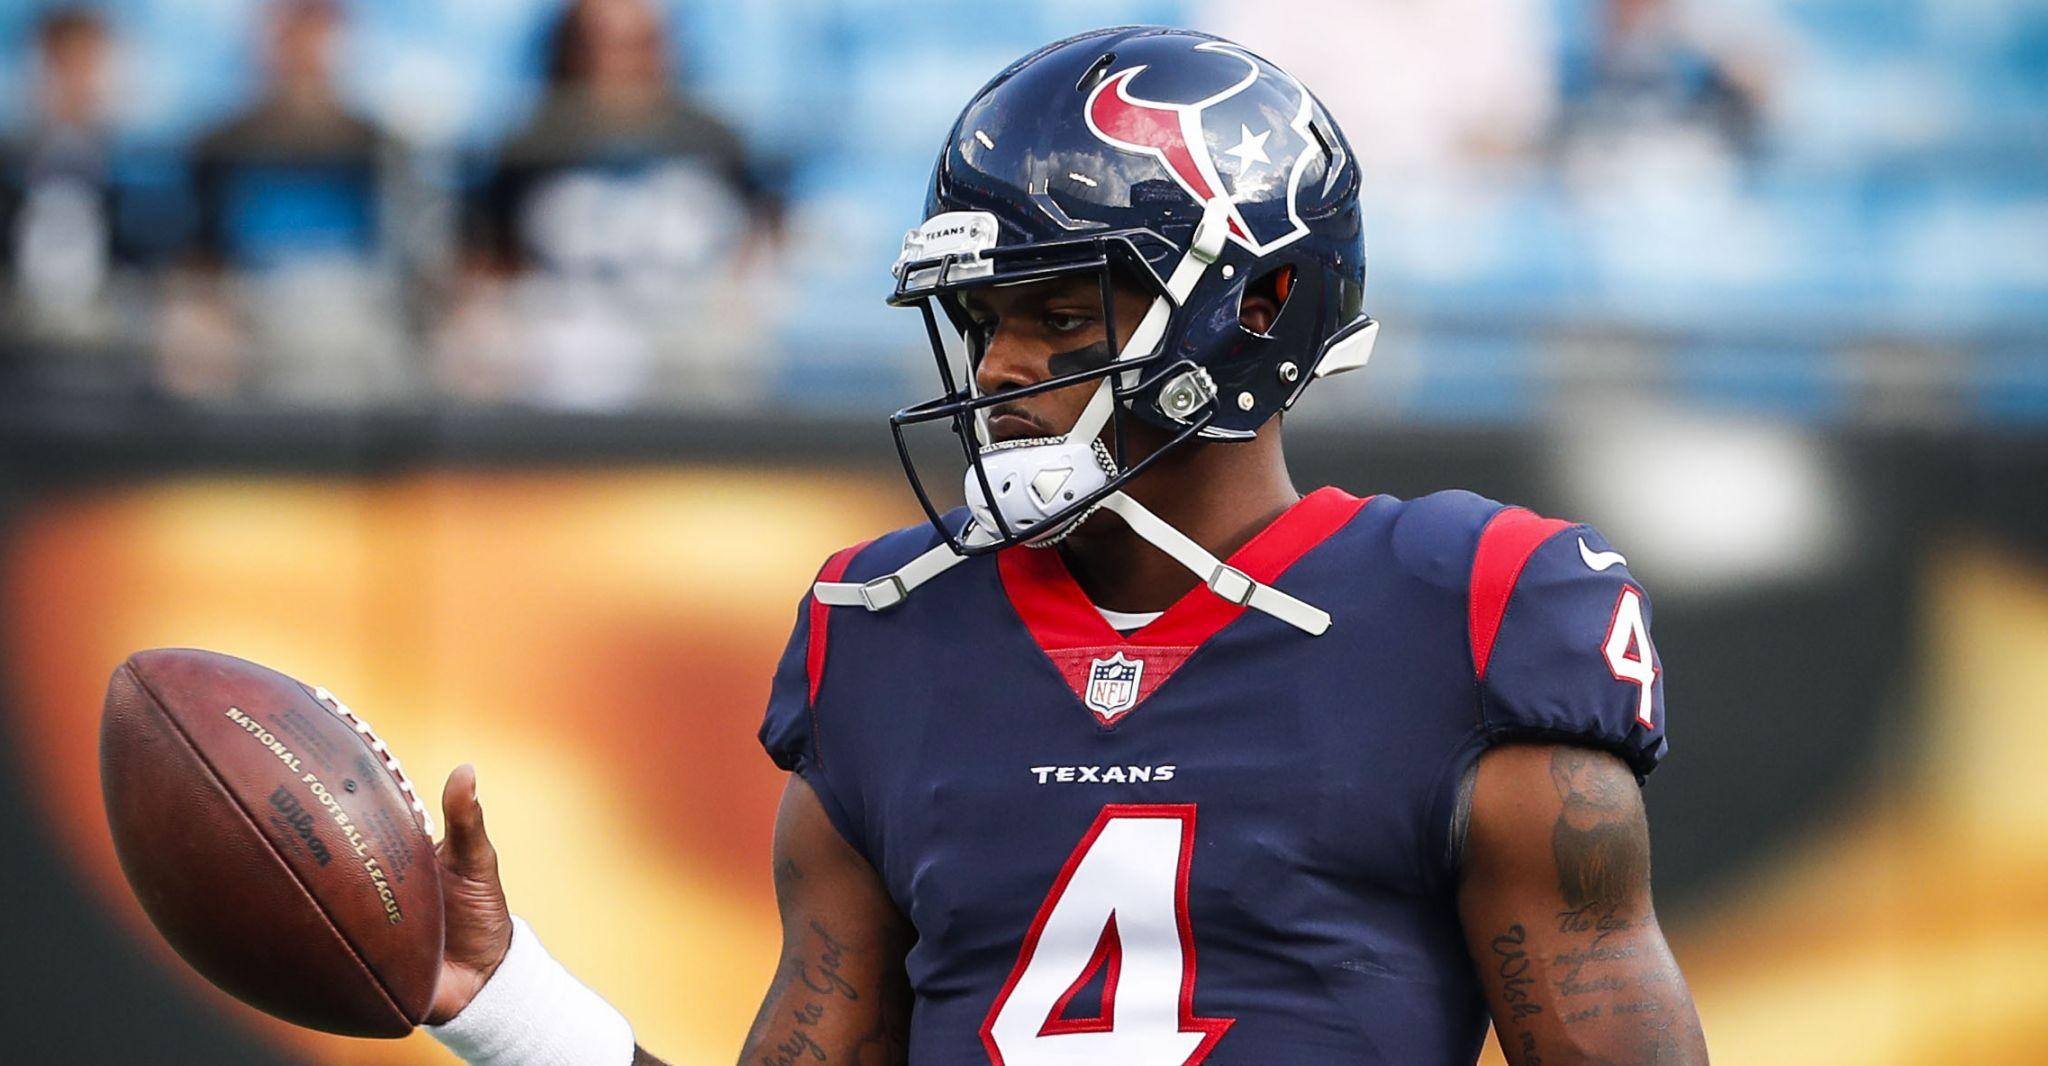 Texans rookie Deshaun Watson has impressive moments in NFL ...